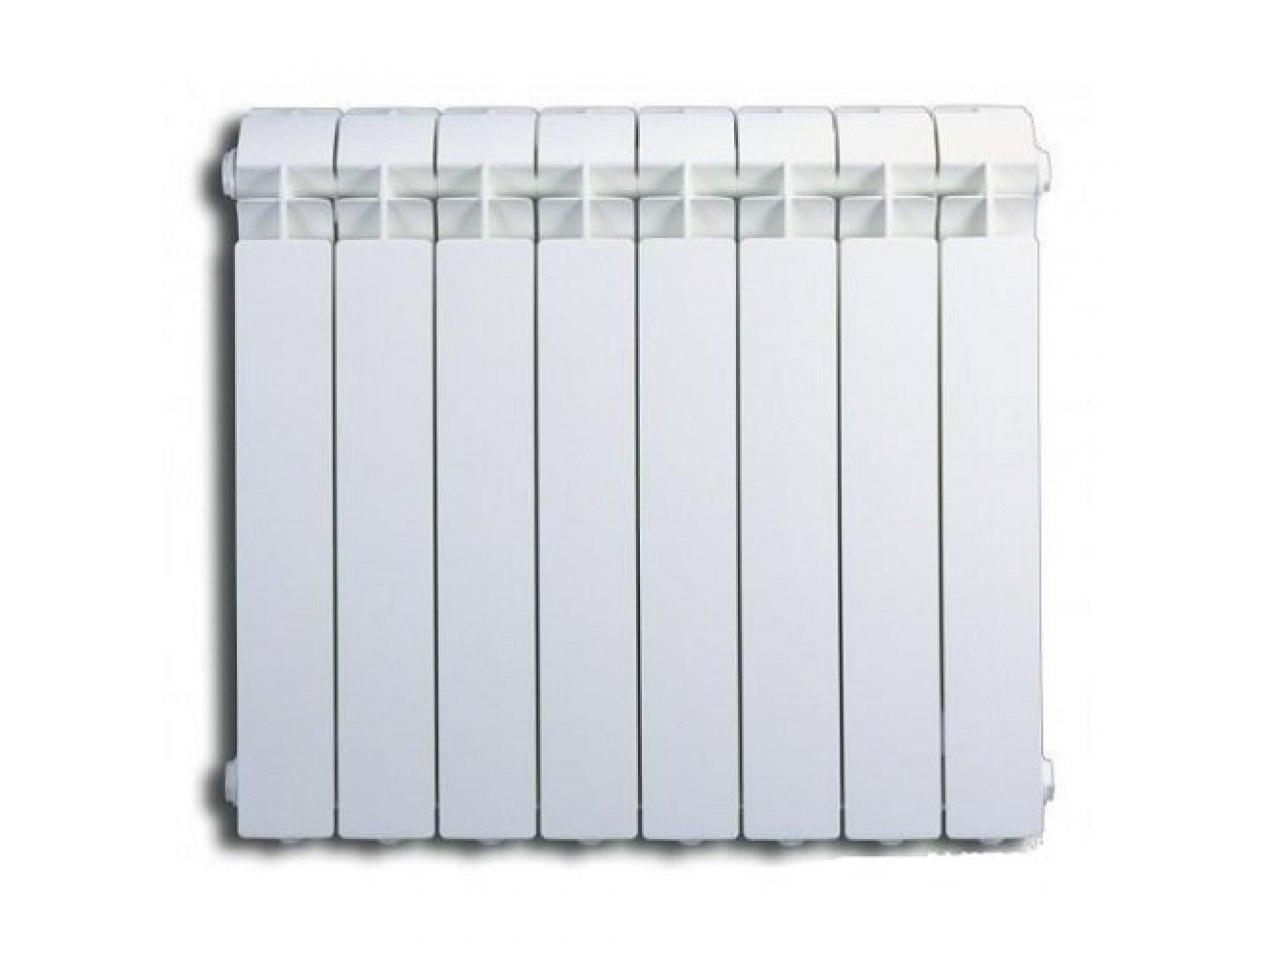 Цена на алюминиевые радиаторы отопления в Челябинске